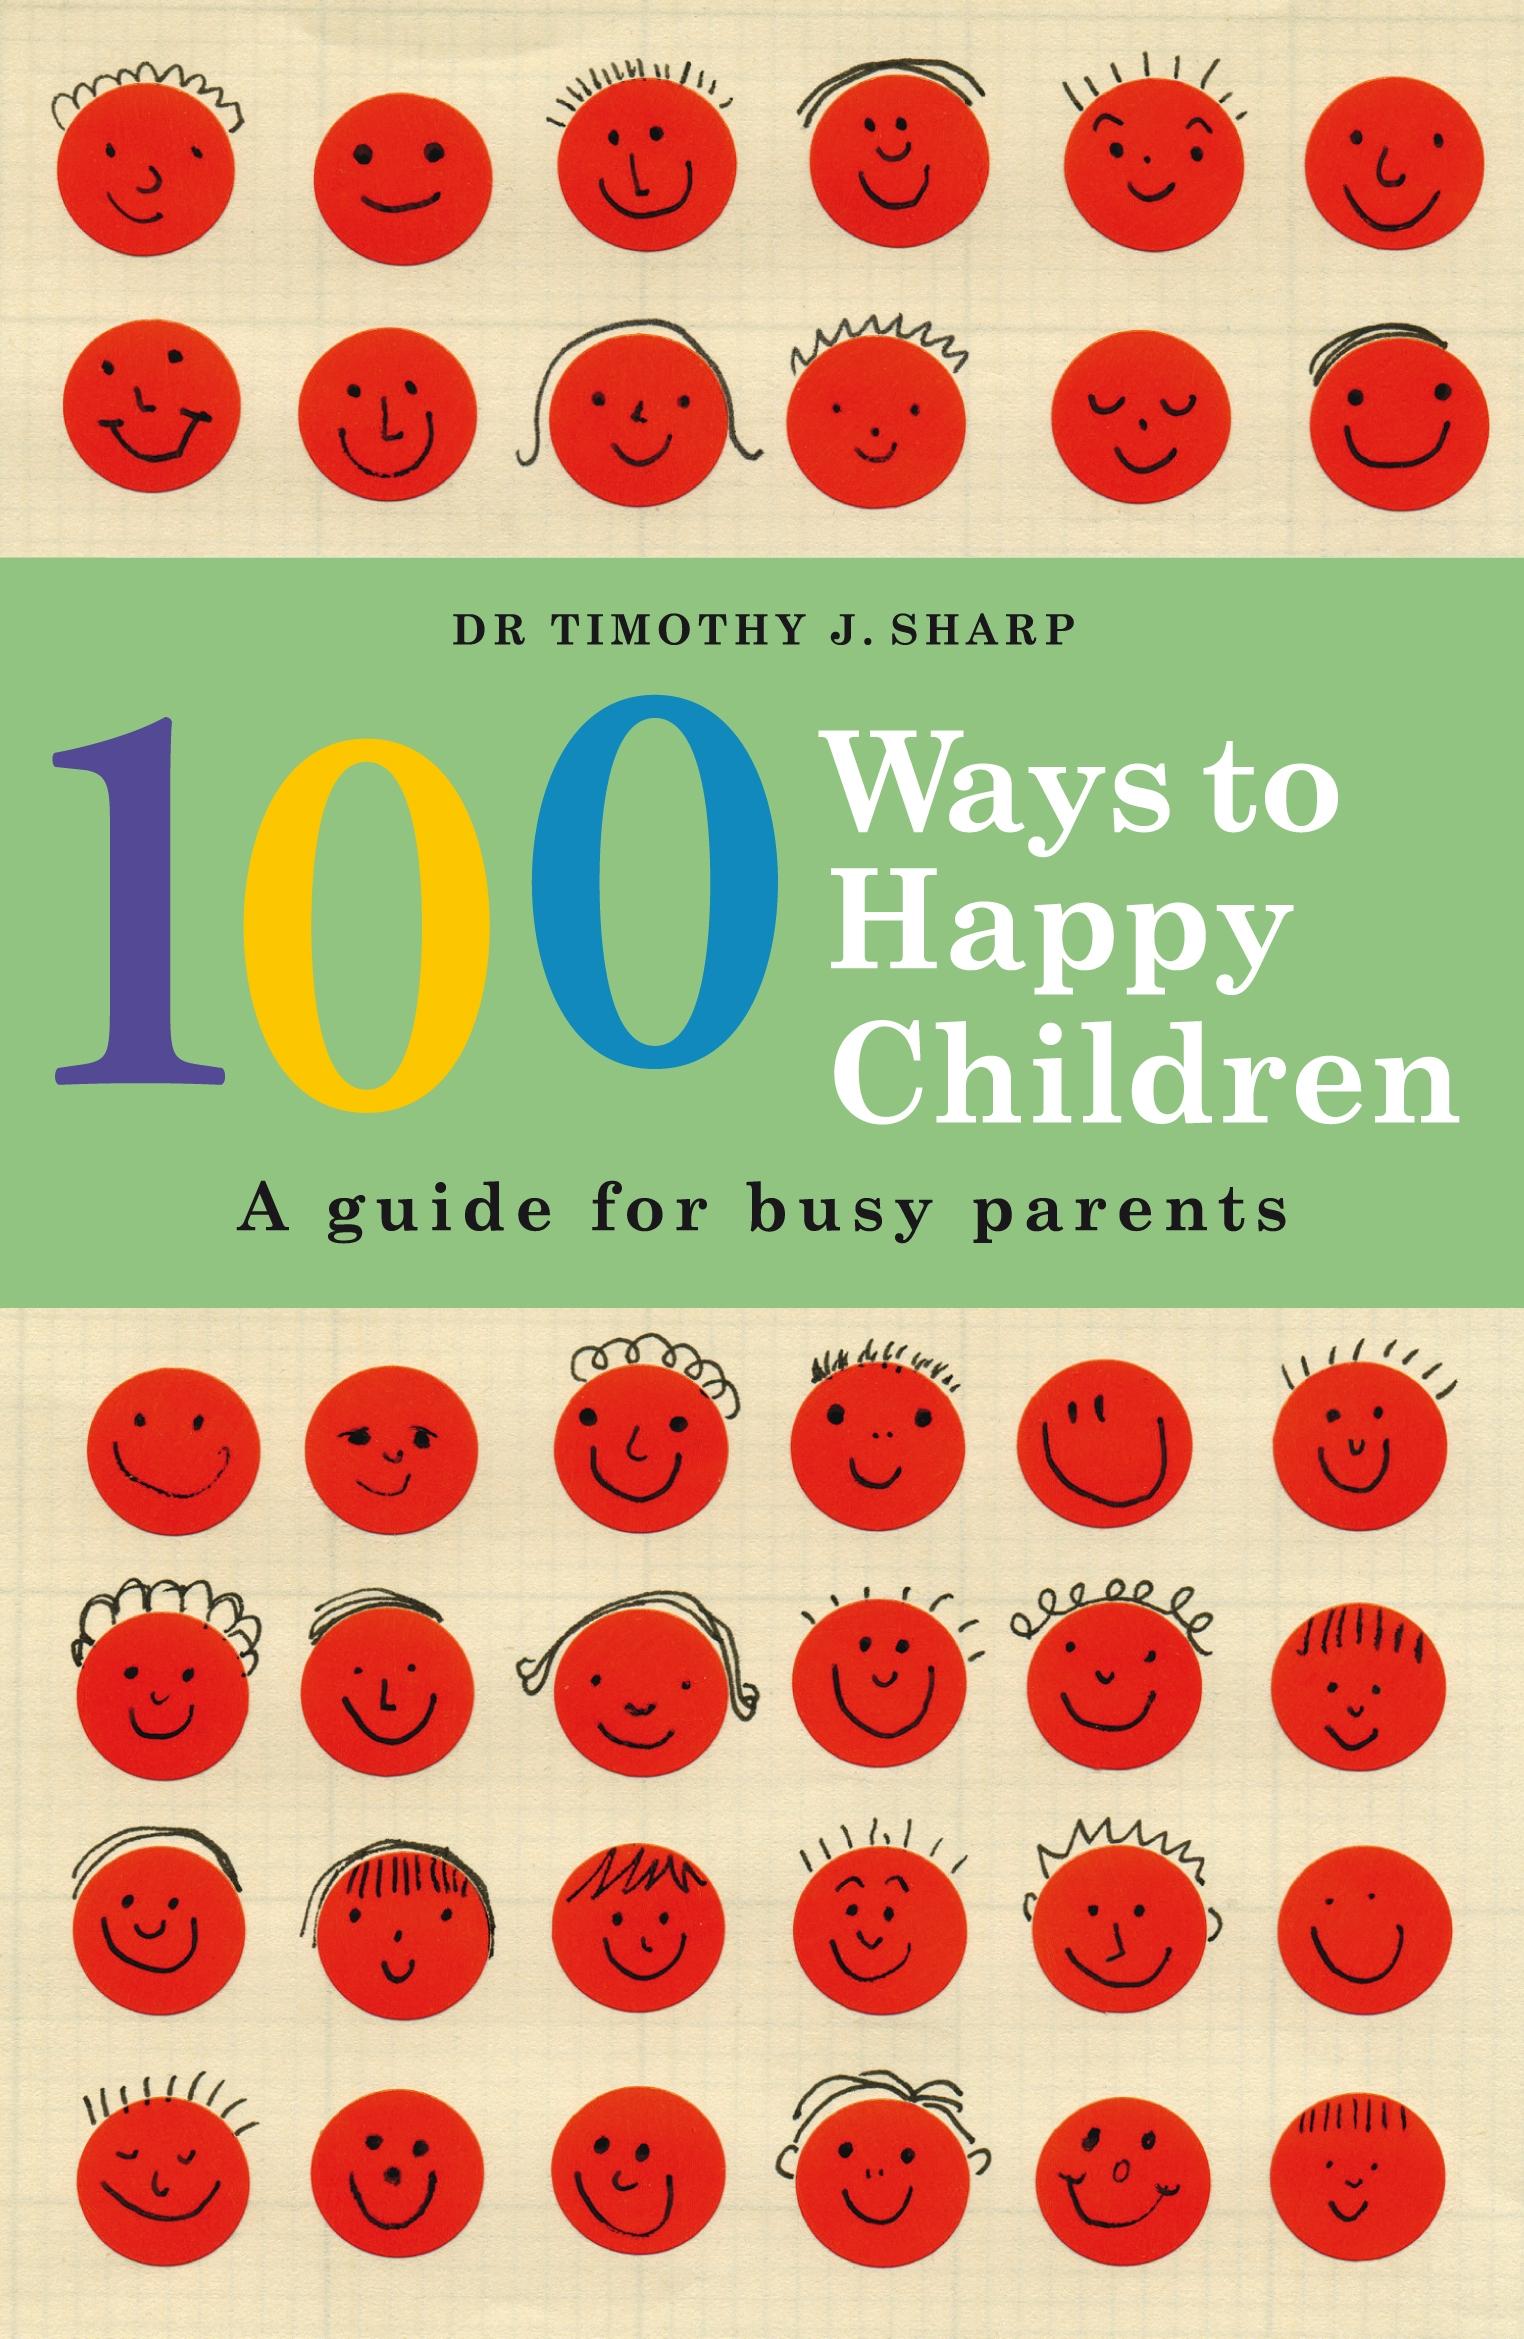 100 Ways to Happy Children